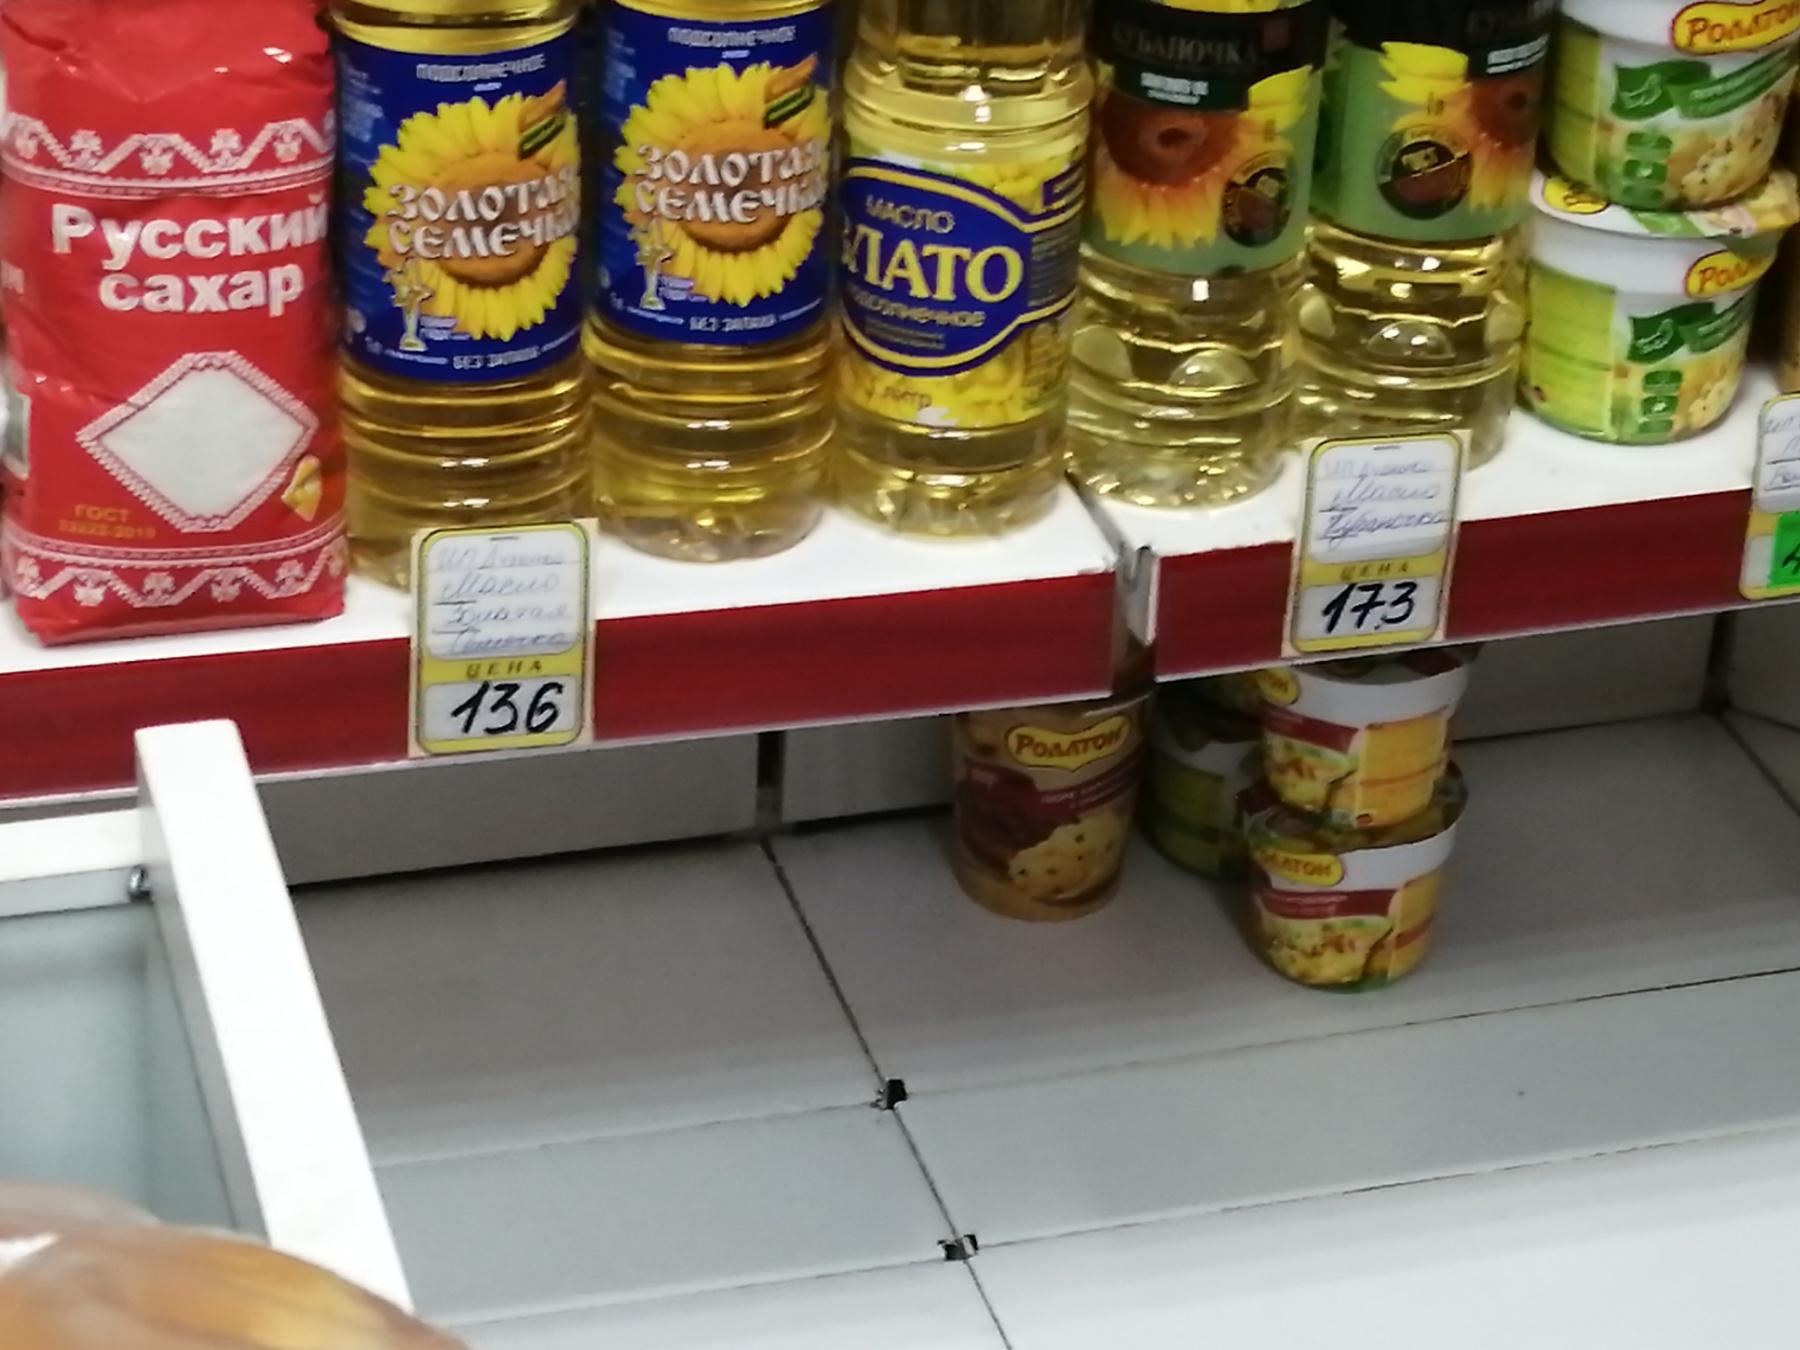 Кто там говорил, что цены не растут в Забайкалье? Цена на растилку колеблется от 136 до 173 рублей! Чита. 27.04.2021.